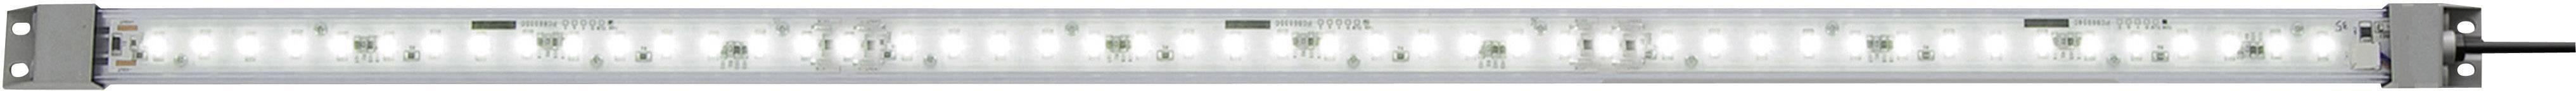 LED osvětlení zařízení LUMIFA Idec LF1B-NE3P-2THWW2-3M, 24 V/DC, bílá